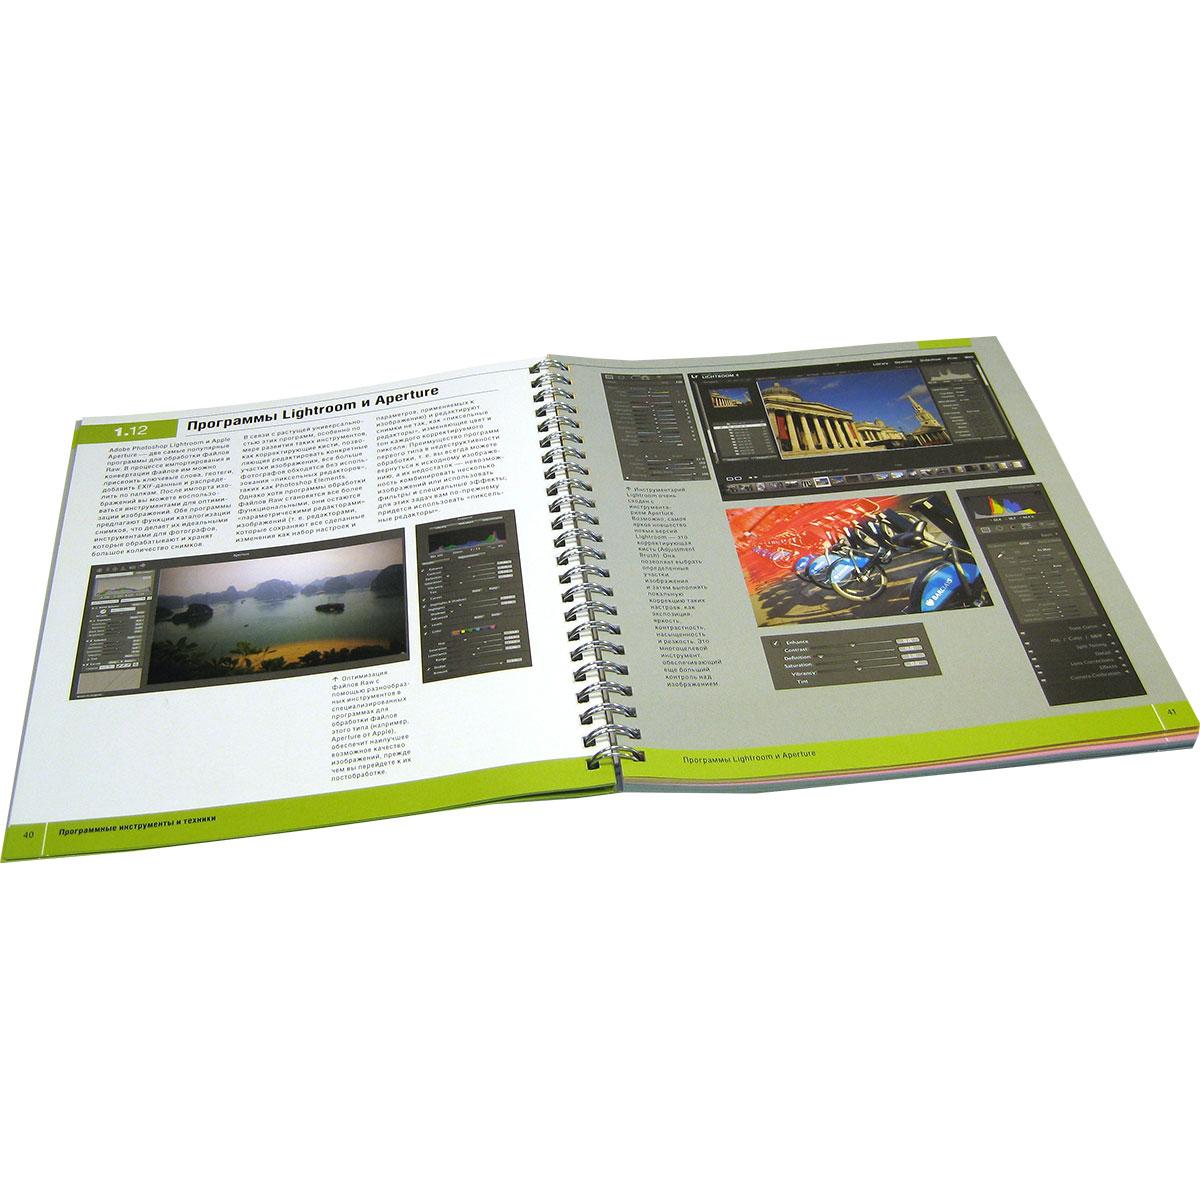 Творческая обработка фотографий и специальные эффекты. Как совершенствовать цифровые фотографии, используя ключевые инструменты Photoshop и Lightroom.